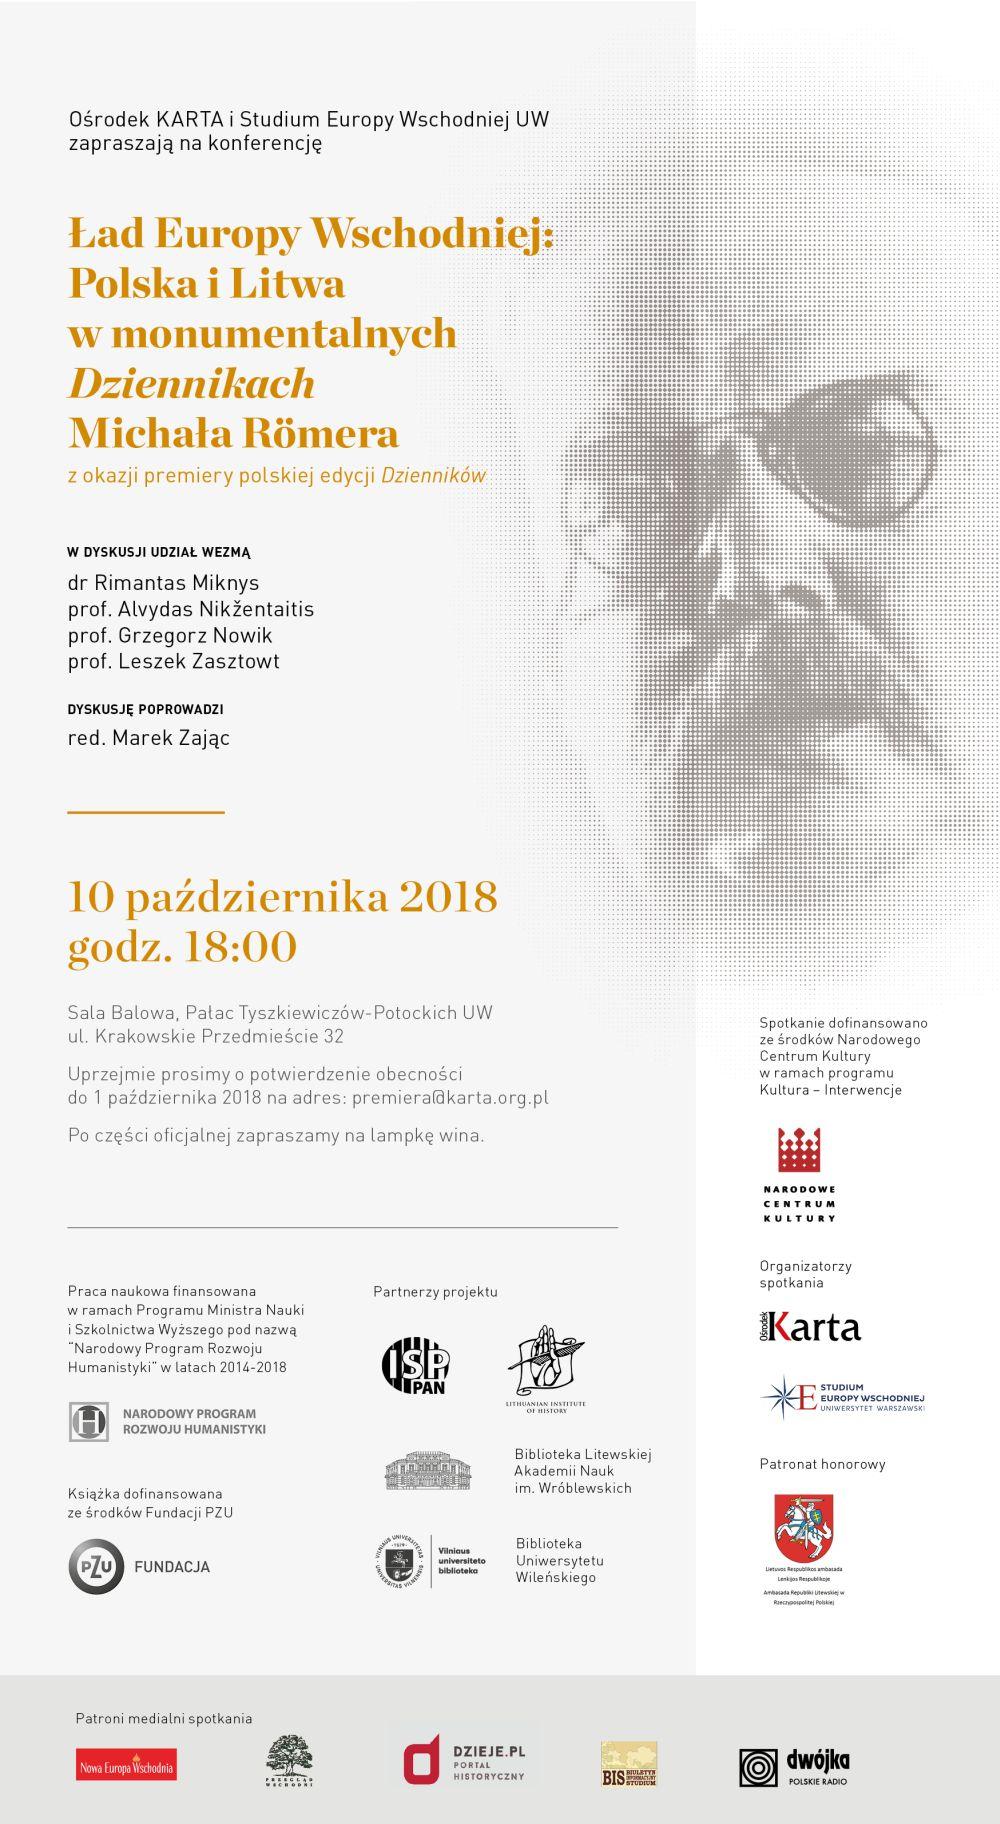 Polsko-litewska konferencja – 10.10.2018, Warszawa